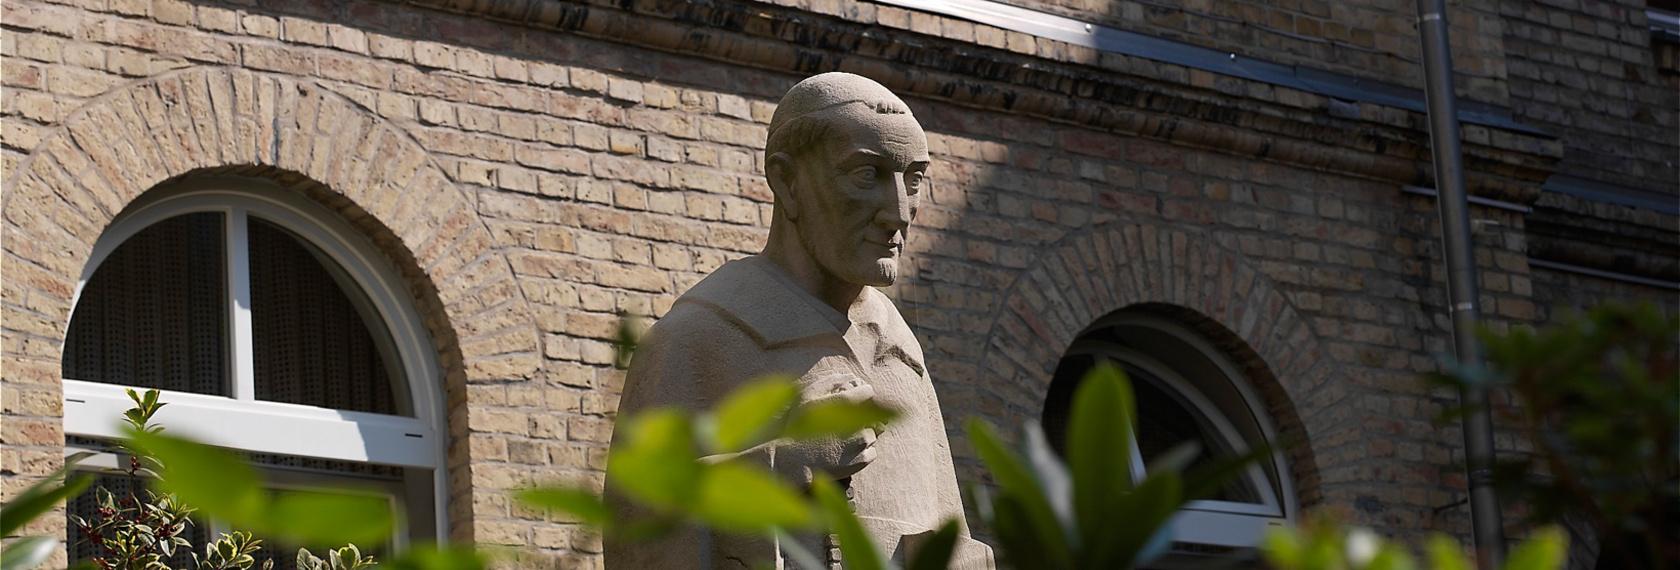 Statue des Hl. Vincenz von Paul